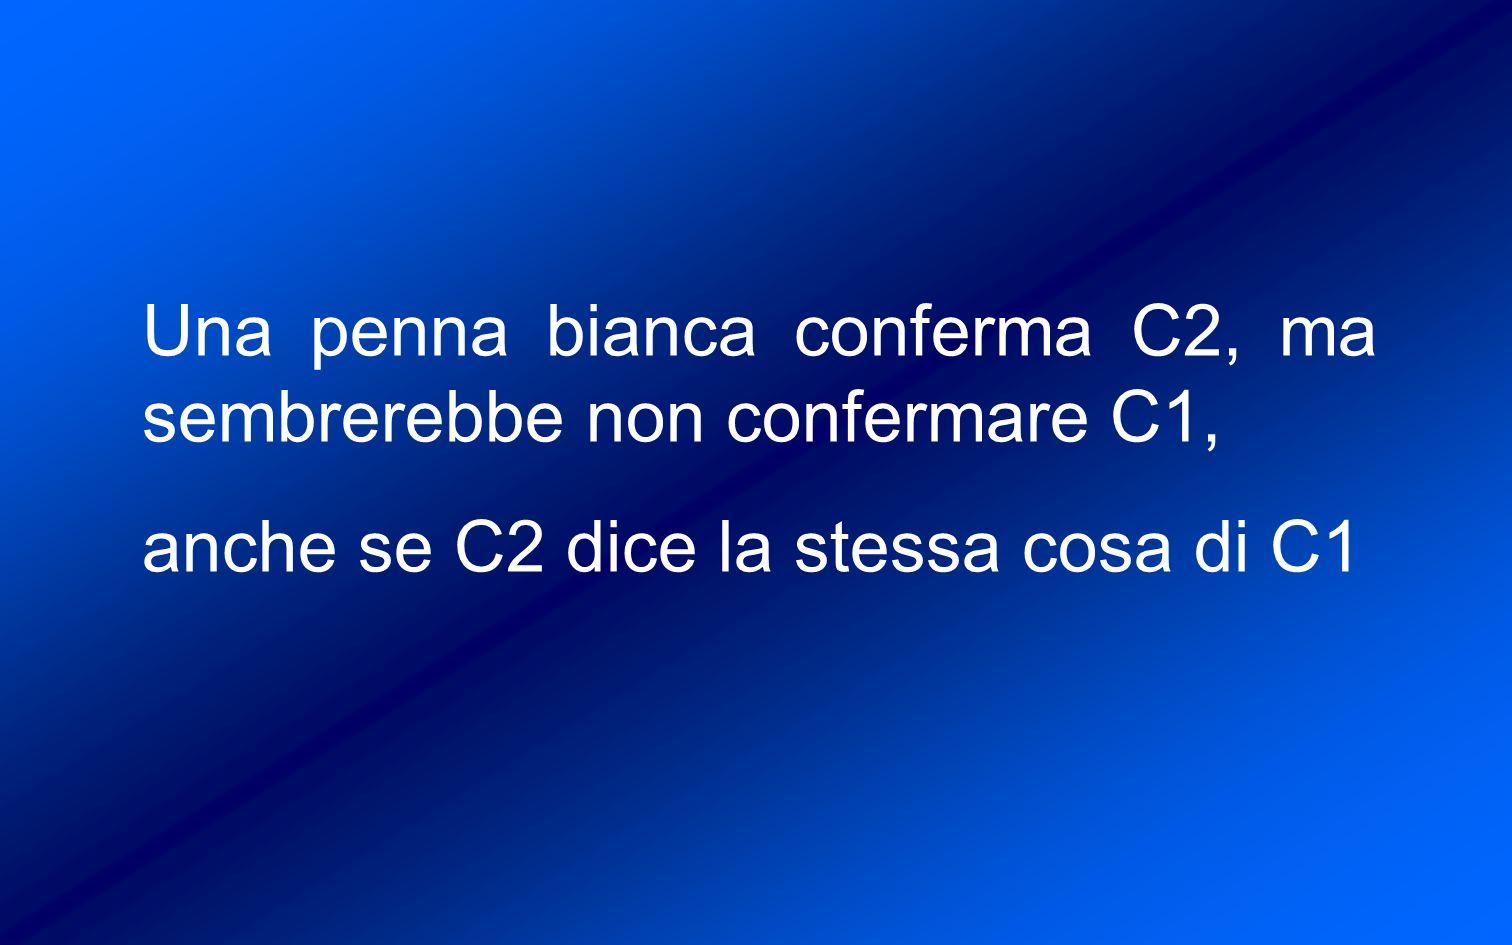 Una penna bianca conferma C2, ma sembrerebbe non confermare C1, anche se C2 dice la stessa cosa di C1